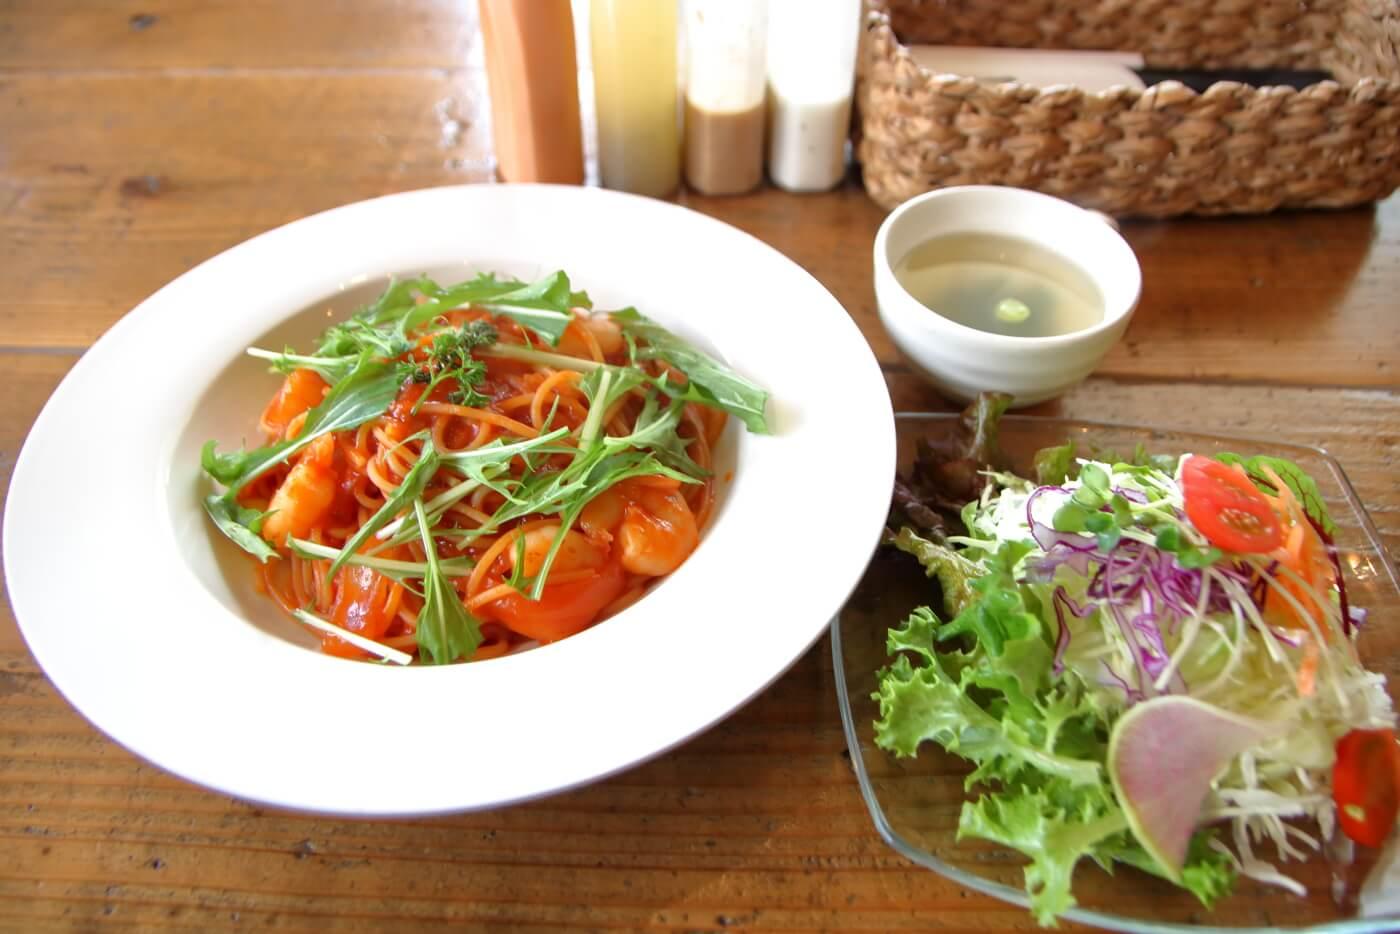 高知香美市土佐山田のカフェあかいみ 週替りパスタ エビのナポリタン